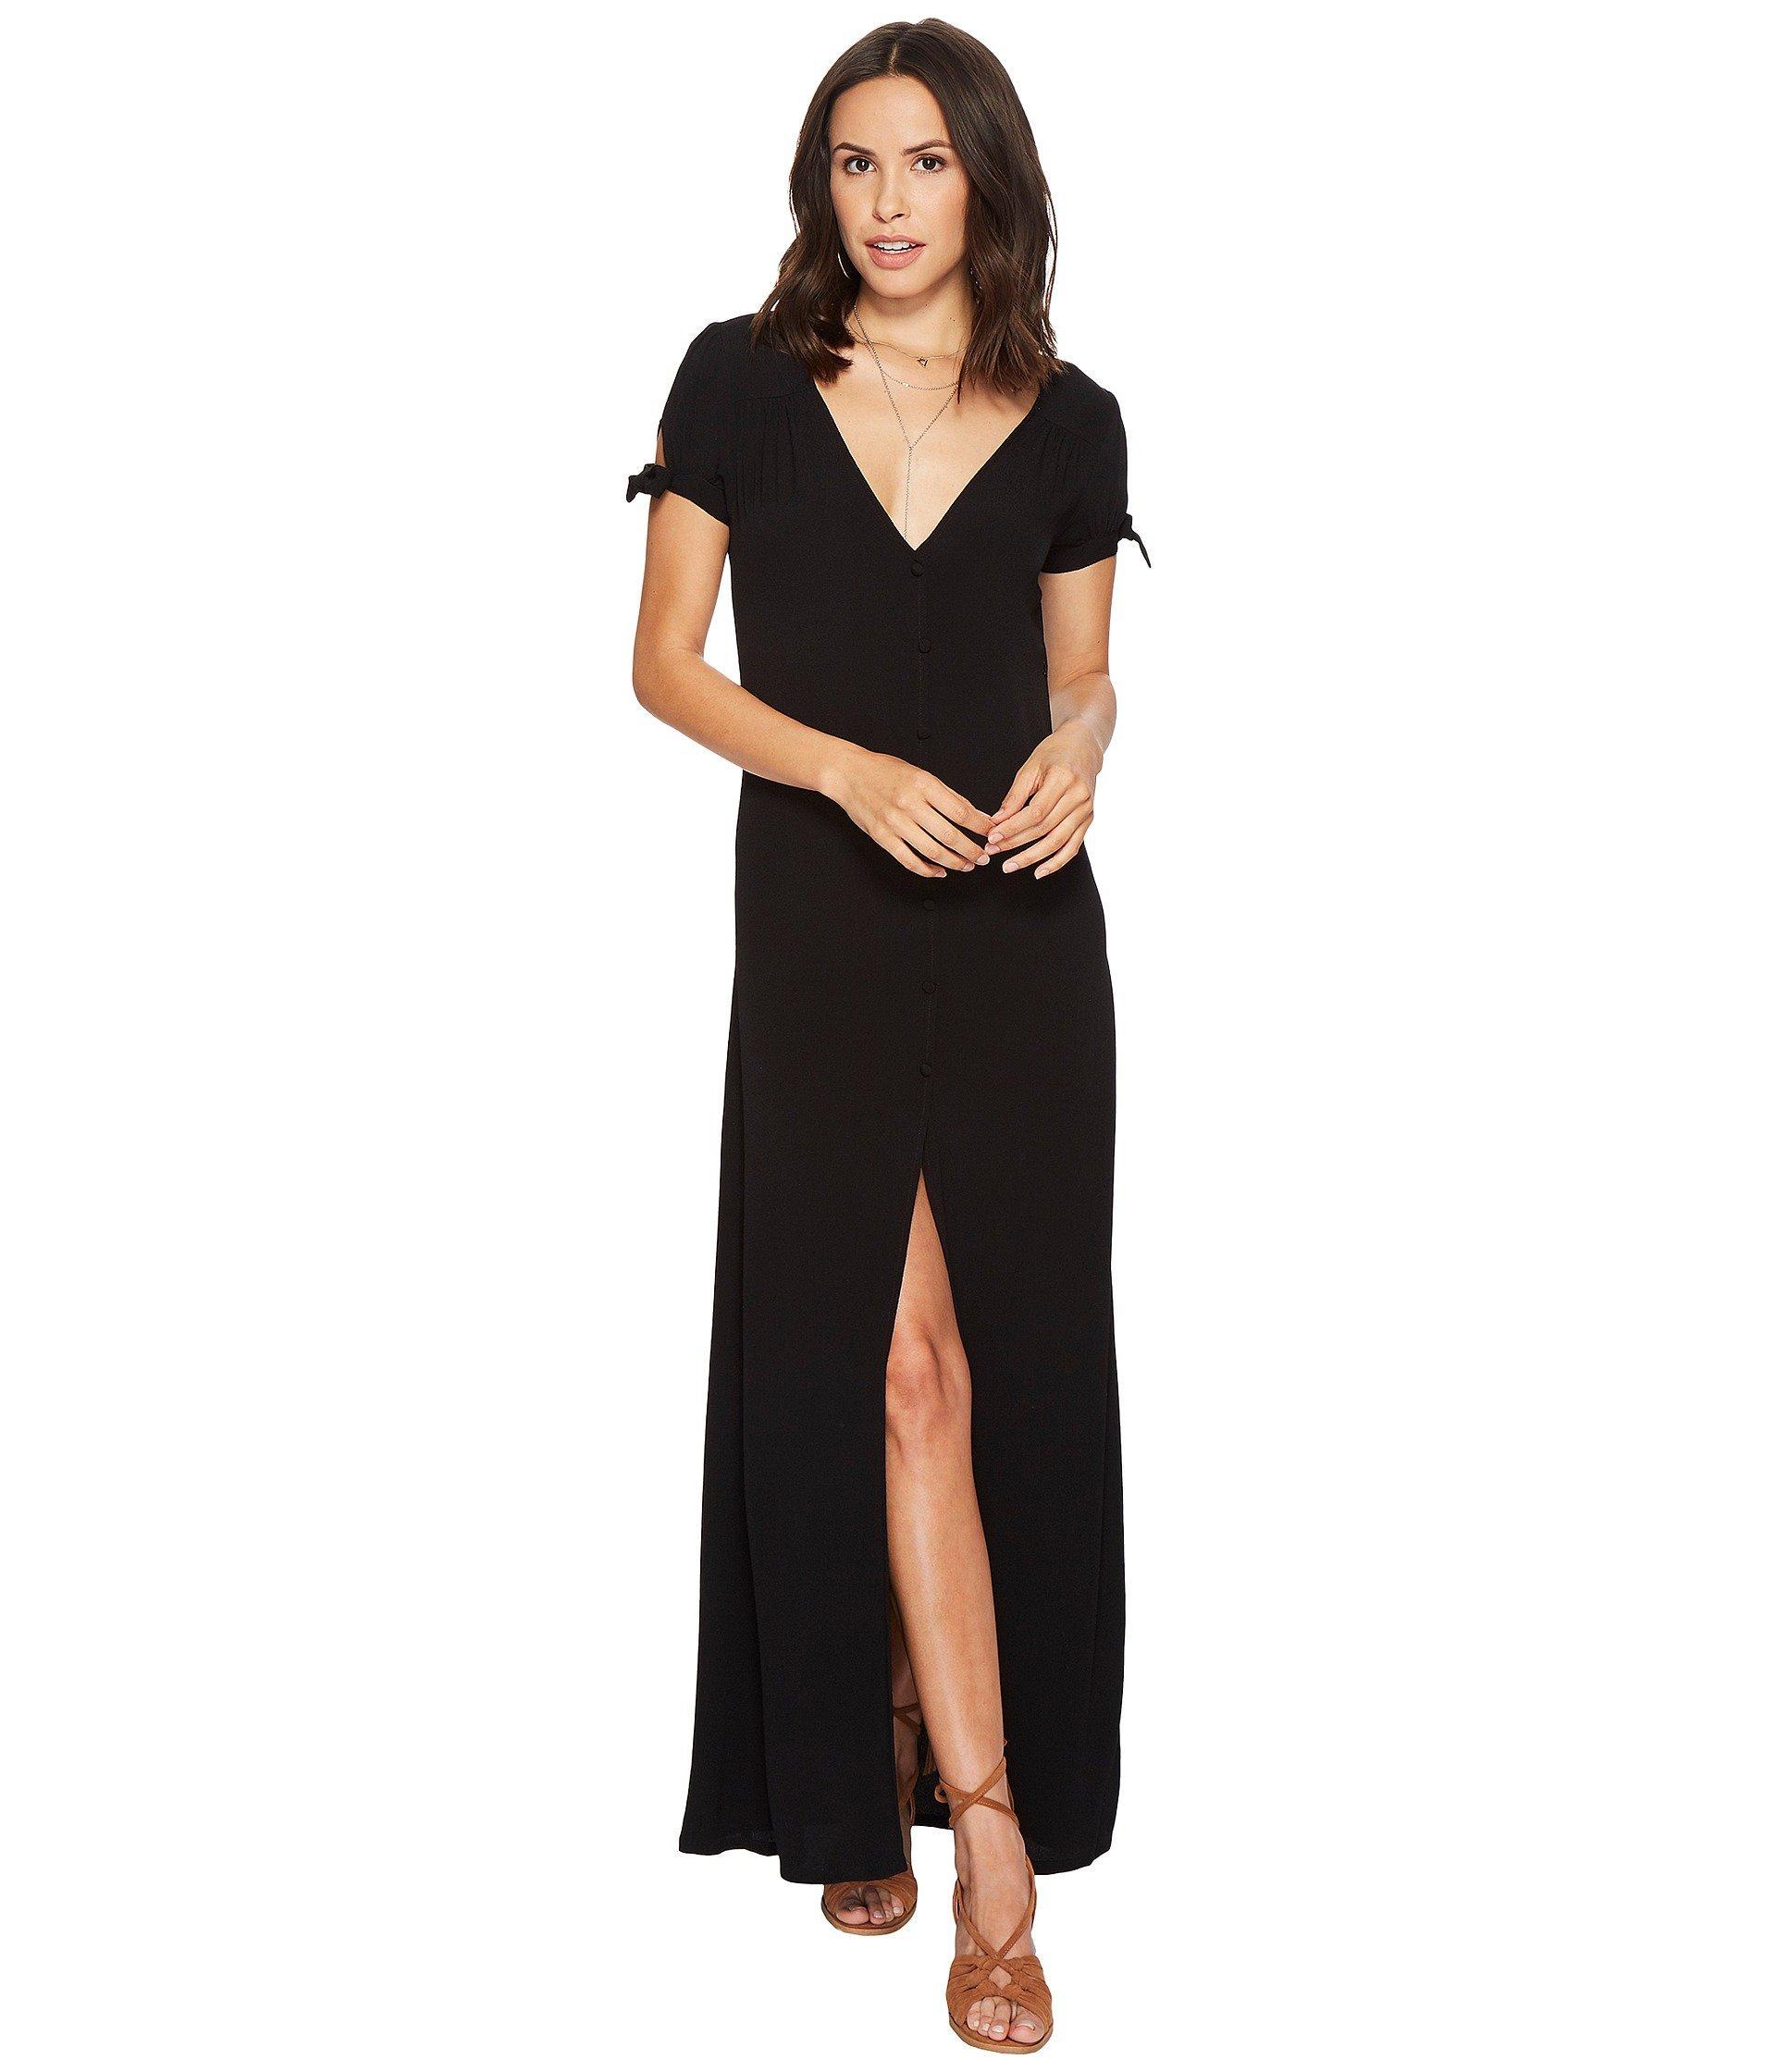 1bfedf9ab3 Lyst - Flynn Skye Ale Maxi Dress in Black - Save 67%